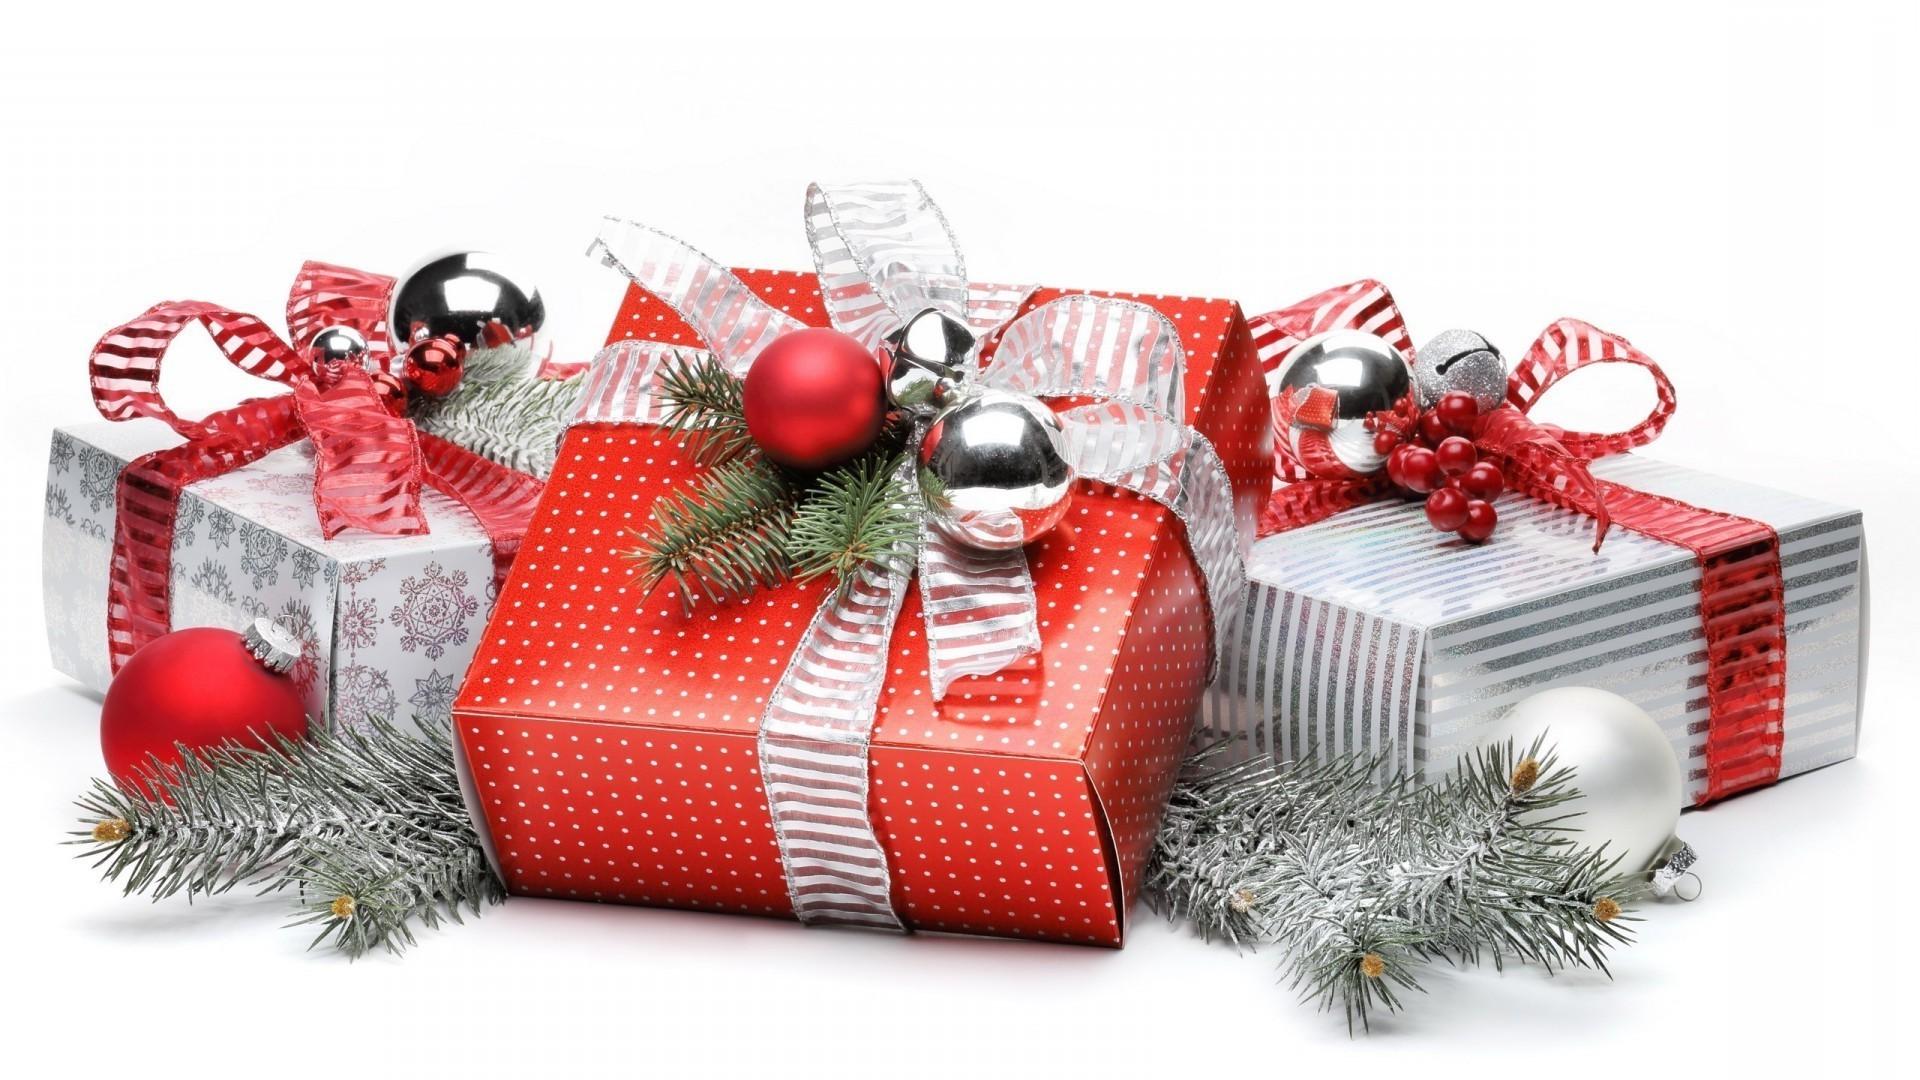 Как красиво упаковать коробку конфет на новый год